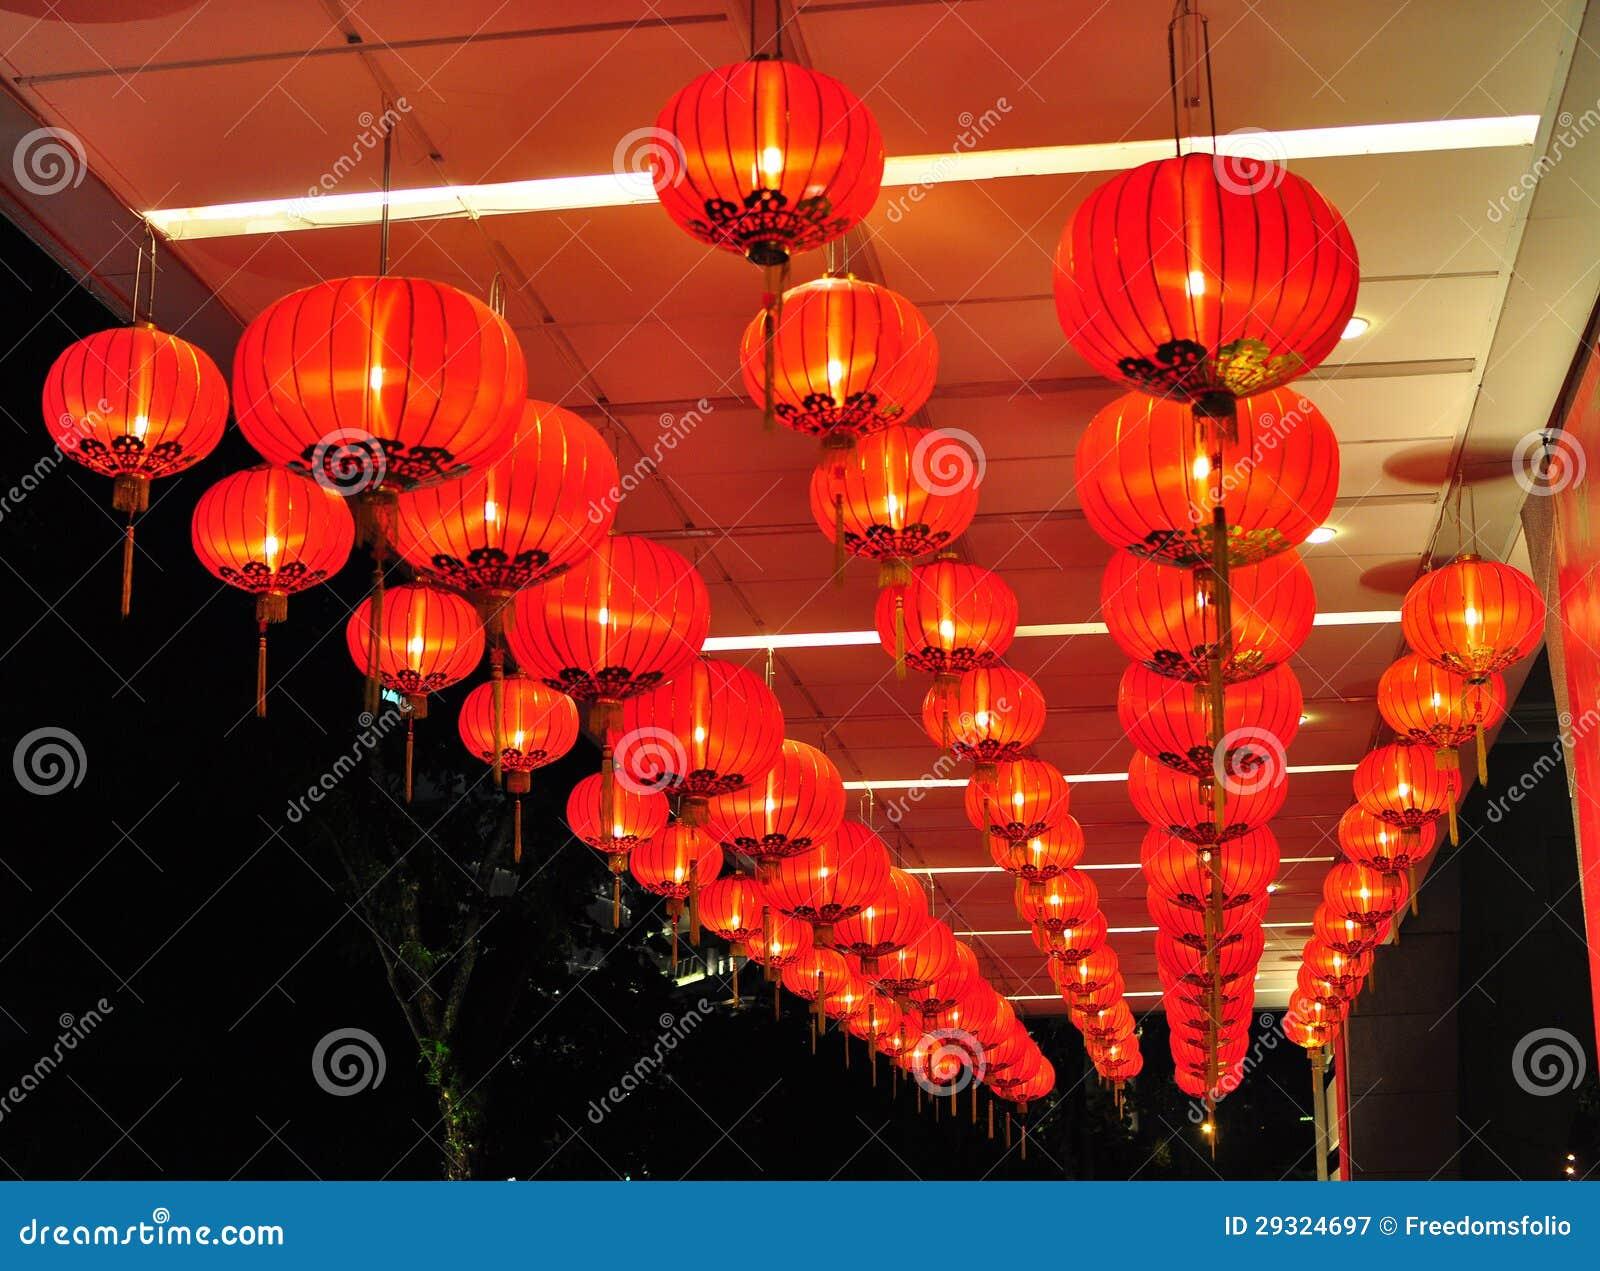 Decorazioni Con Lanterne Cinesi : Decorazioni dell nuovo anno con le lanterne cinesi immagine stock